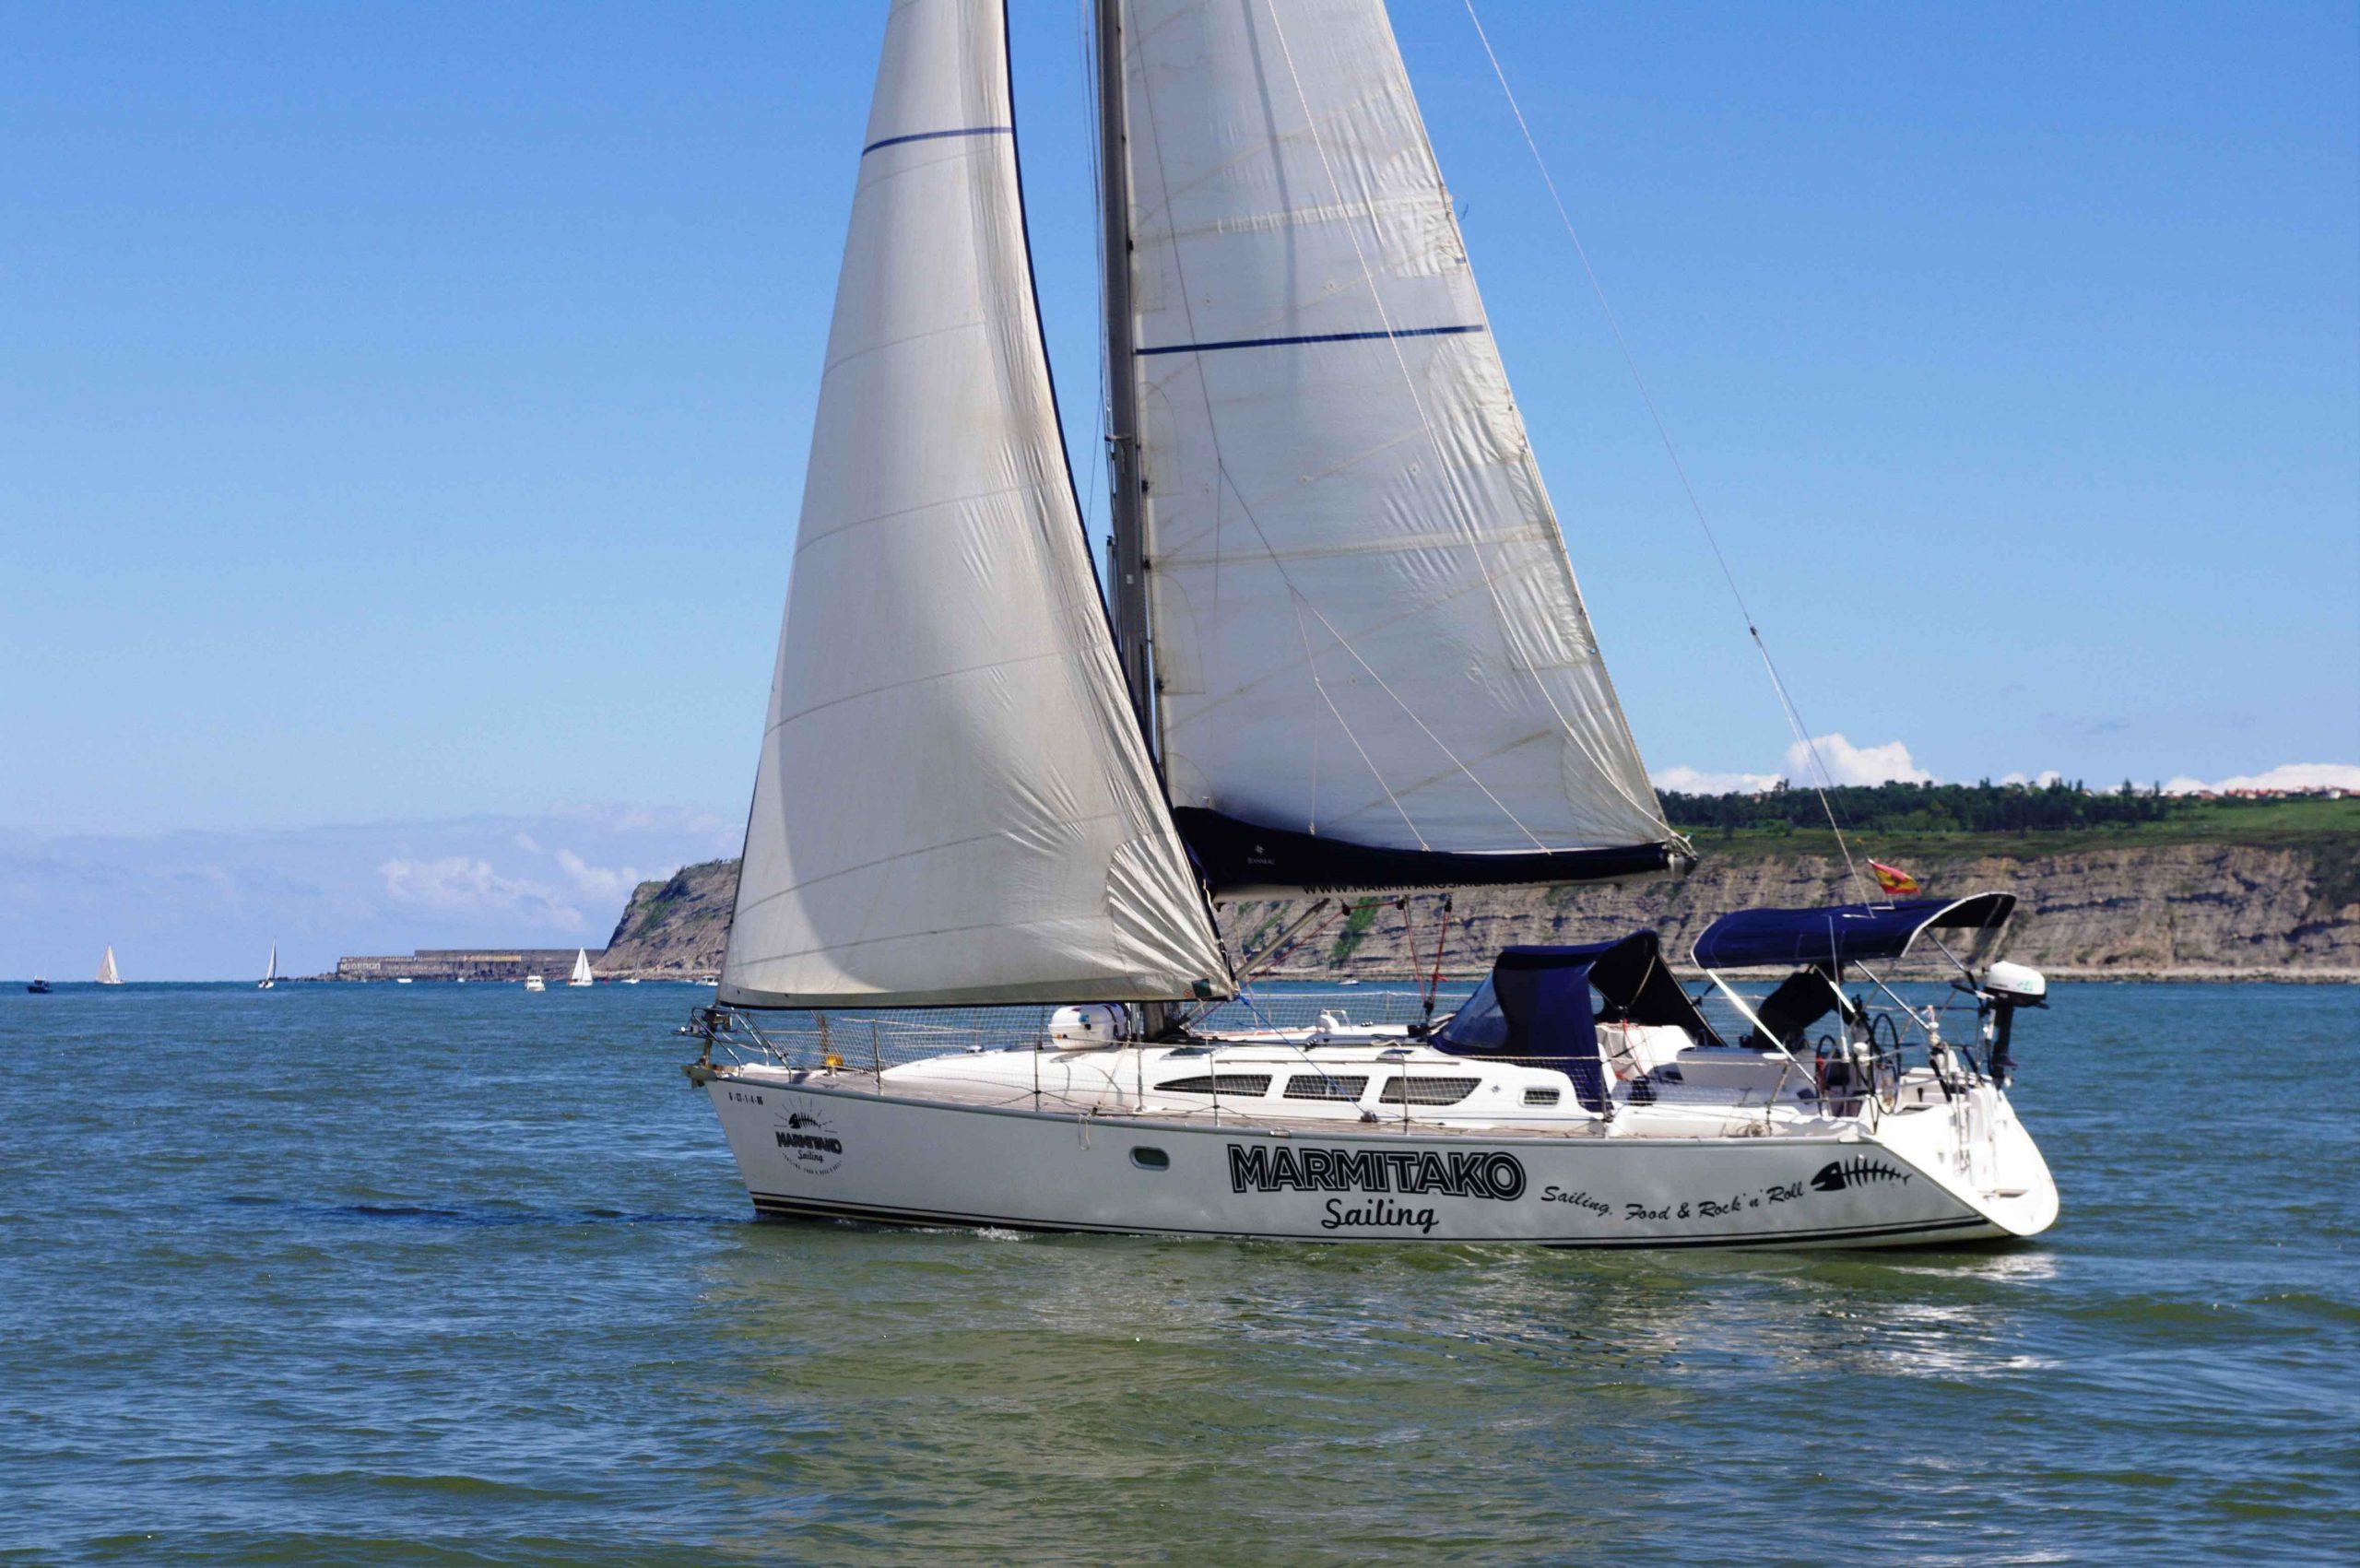 alquilar un velero en Bizkaia